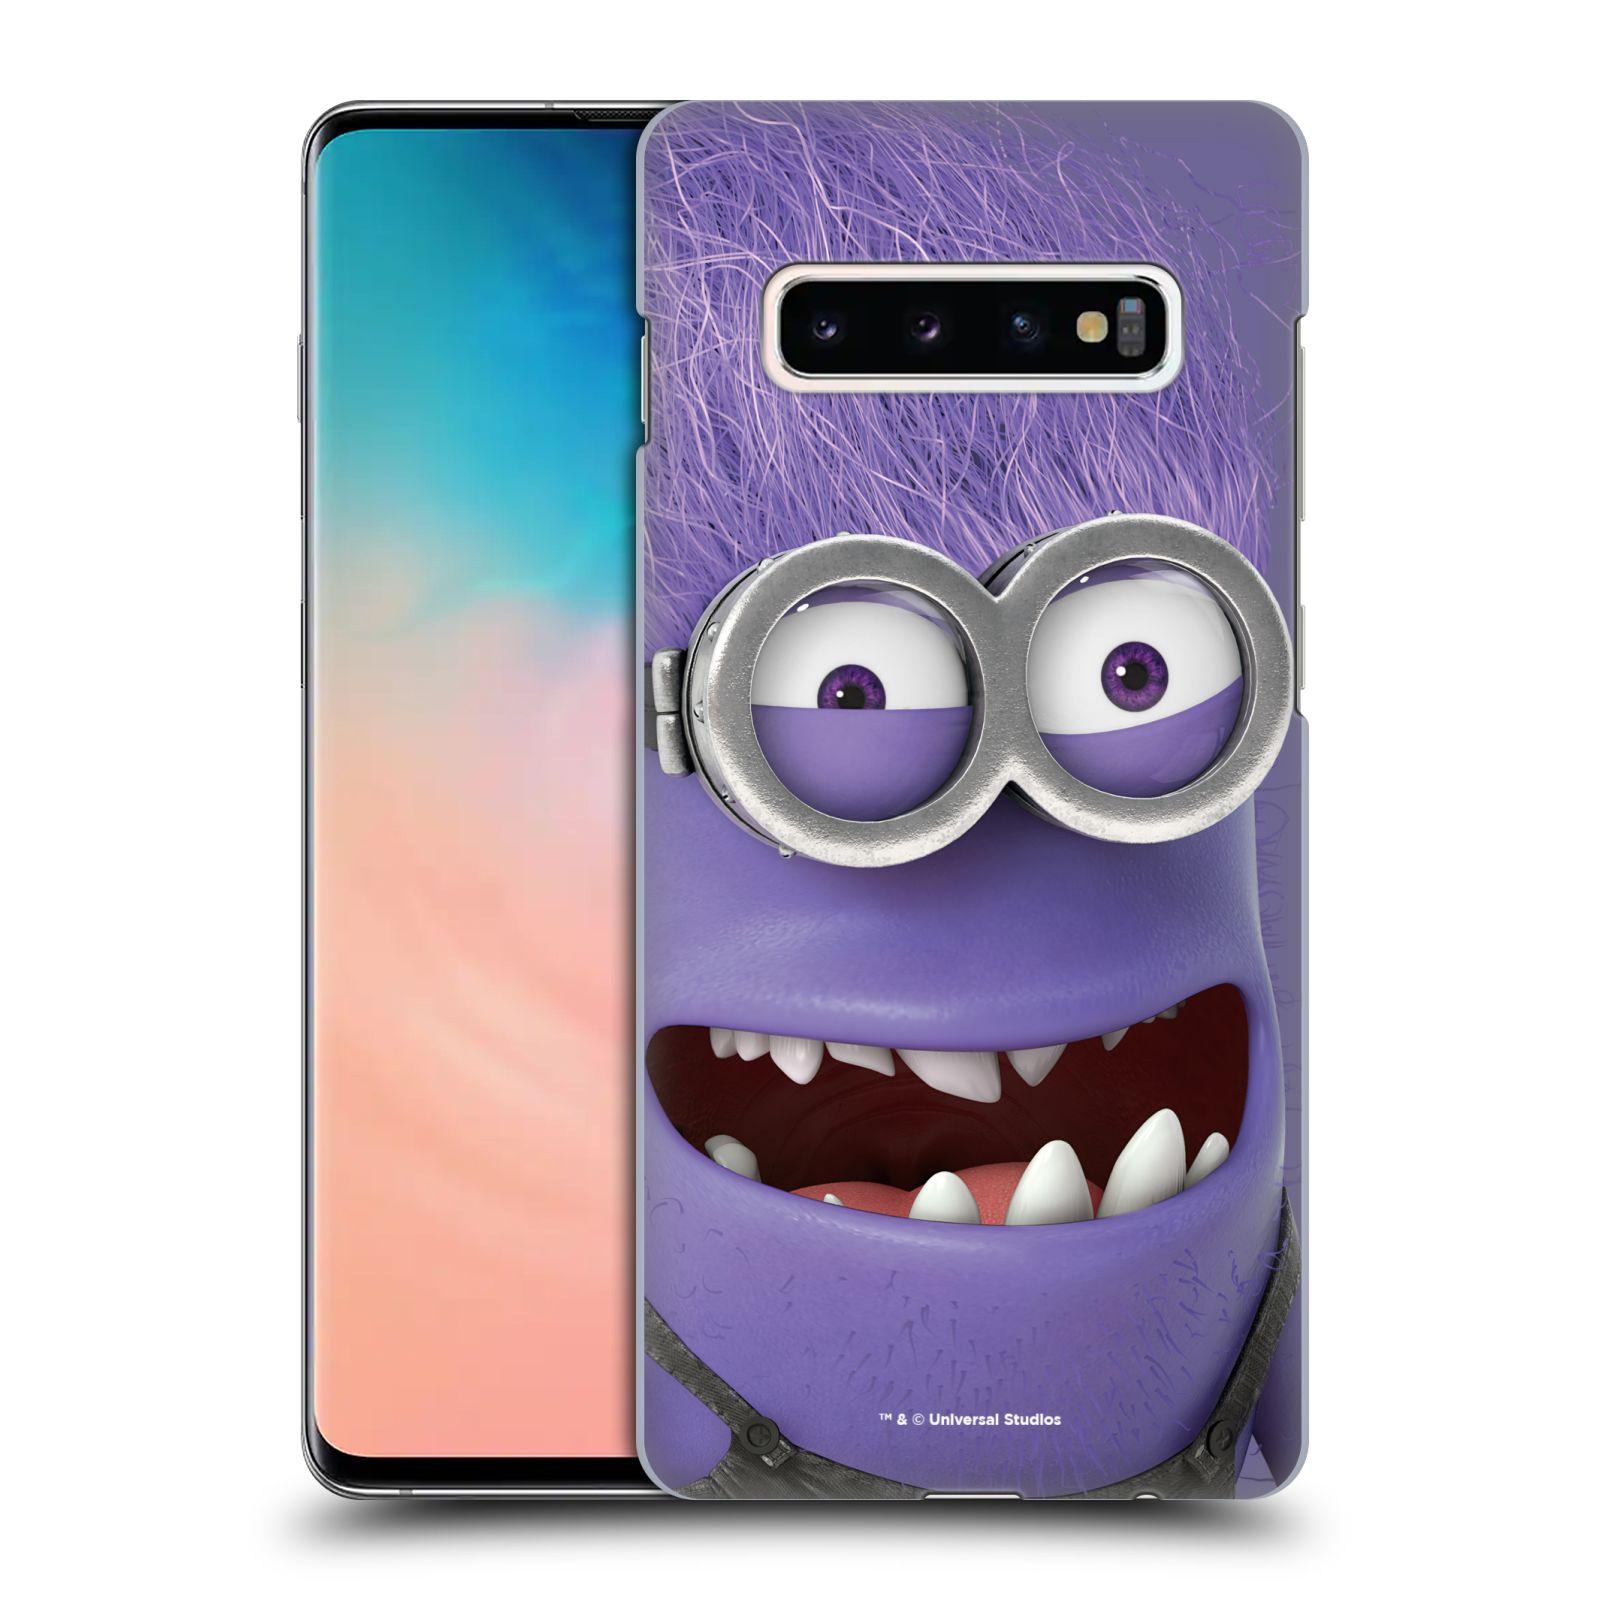 Plastové pouzdro na mobil Samsung Galaxy S10 Plus - Head Case - Zlý Mimoň z filmu Já, padouch - Despicable Me